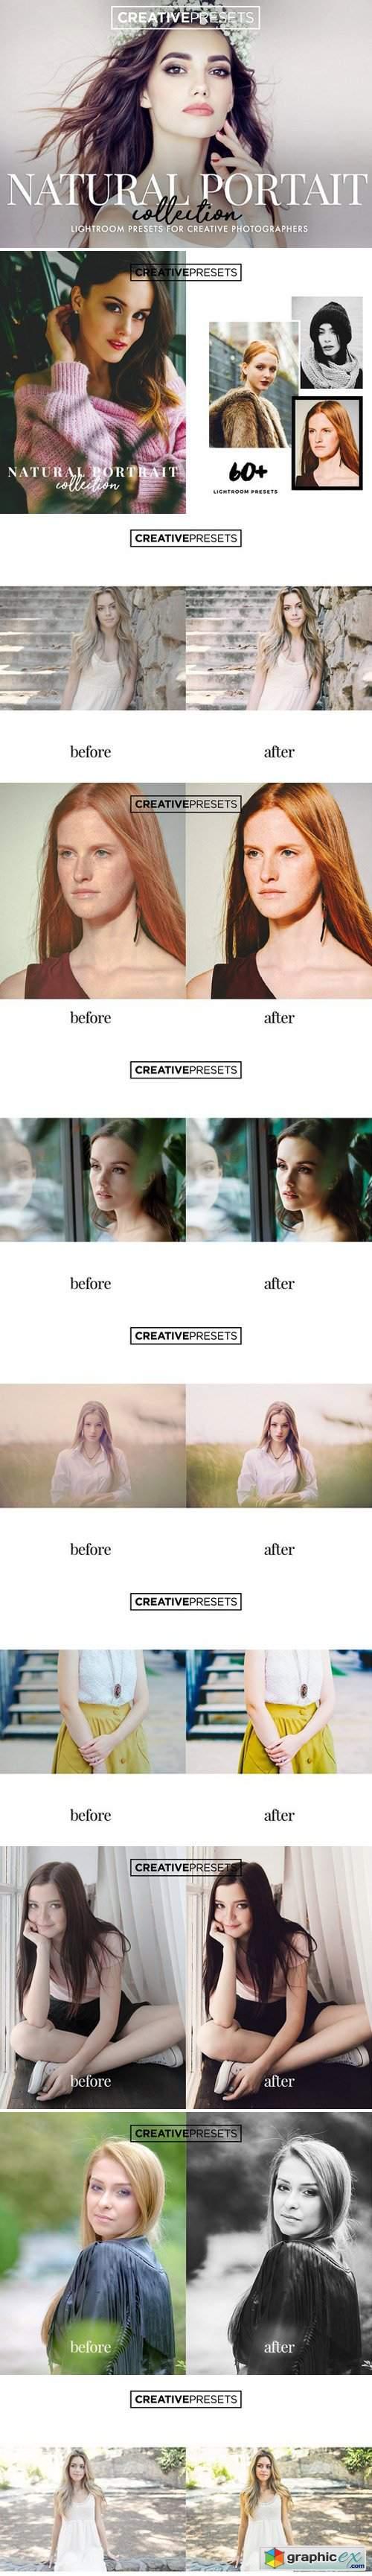 60 natural portrait lightroom preset  u00bb free download